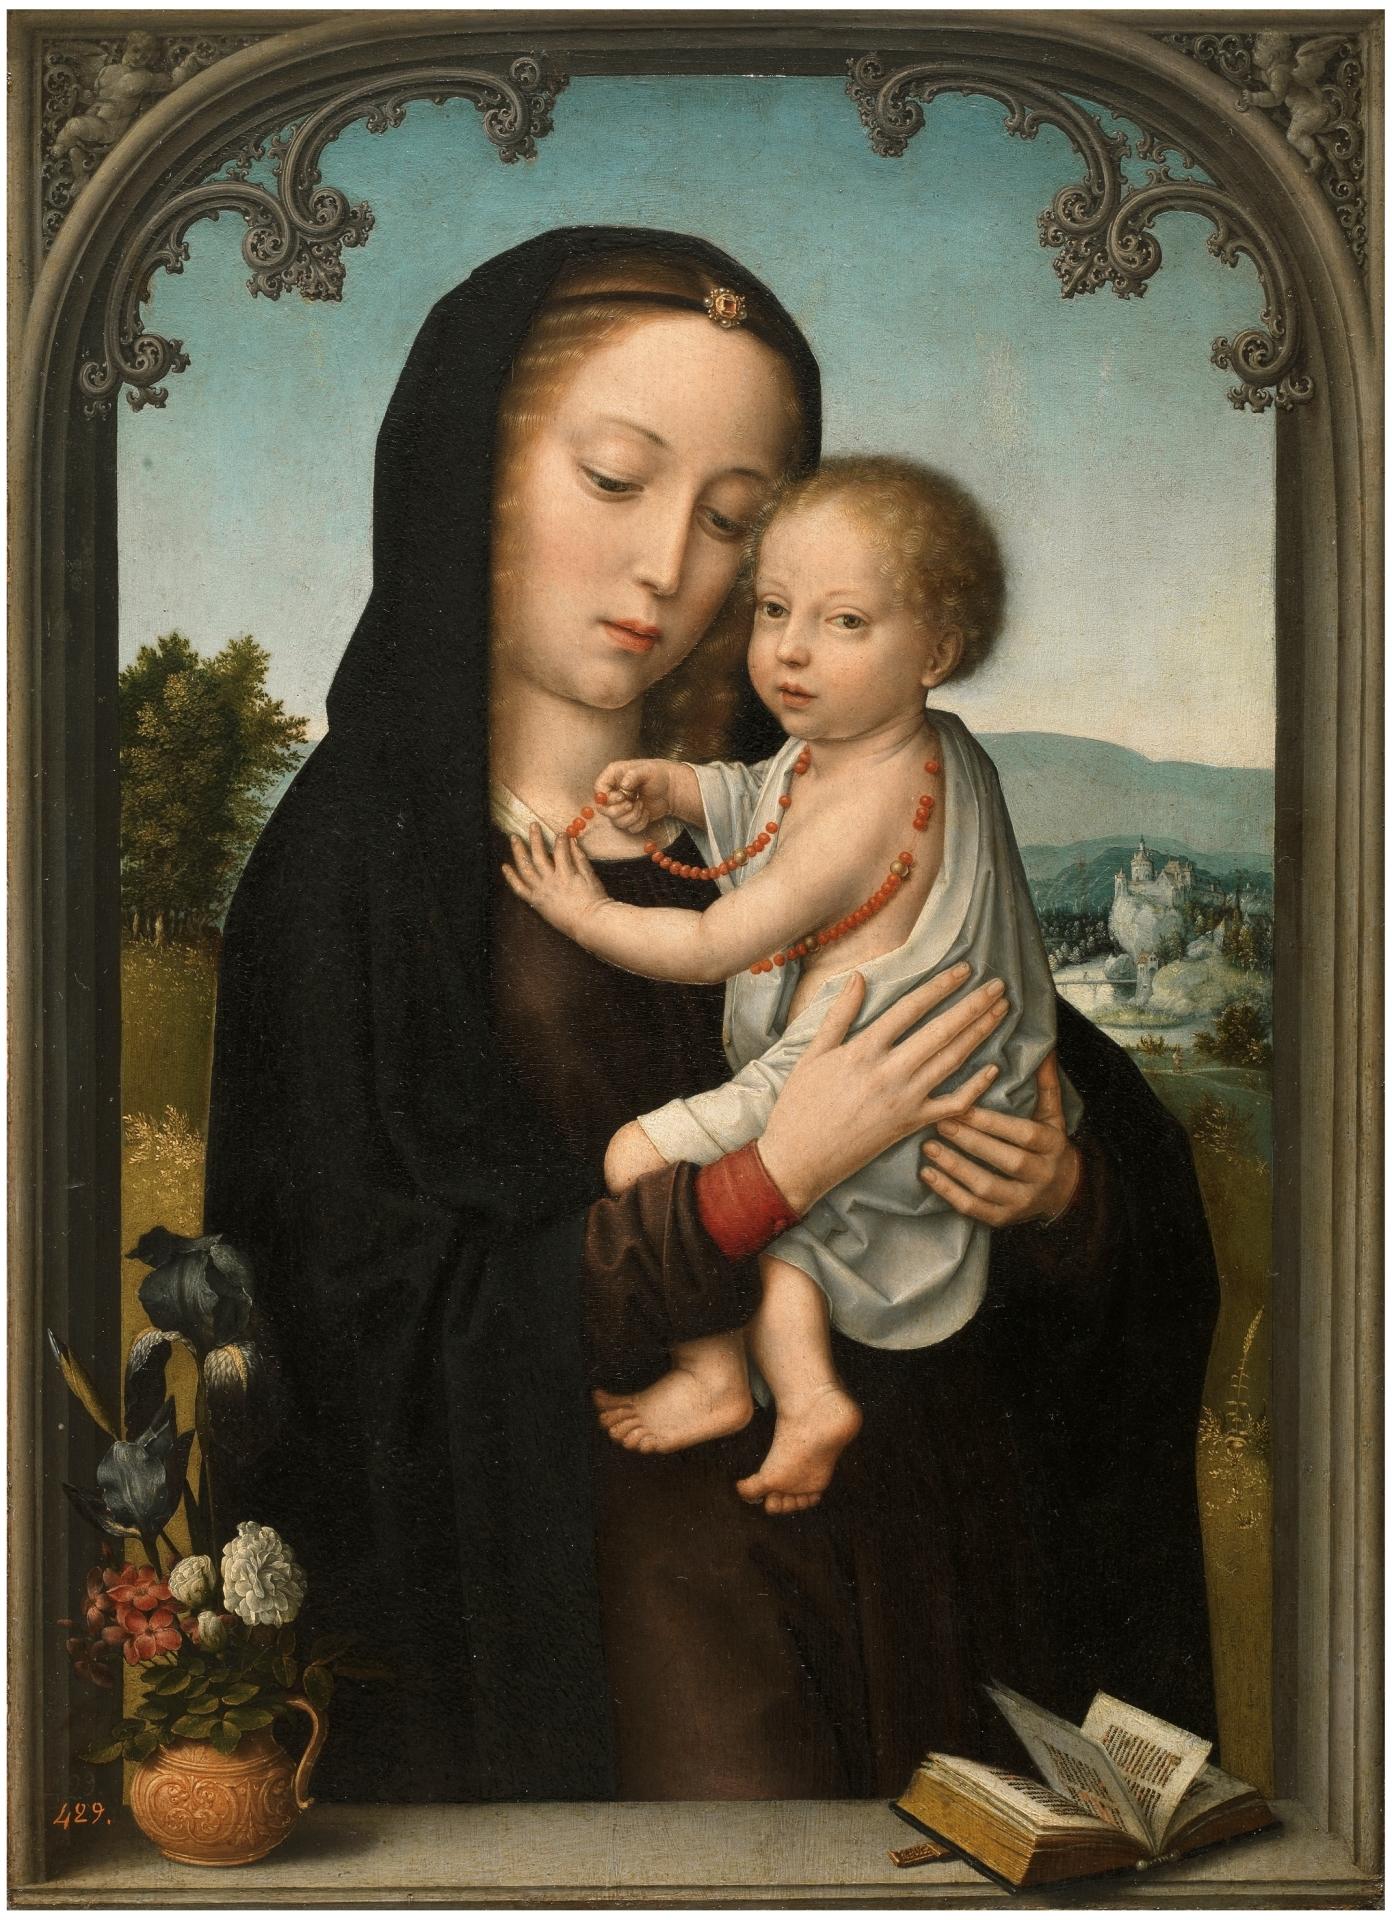 Resultado de imagen de la virgen con niño david gerard